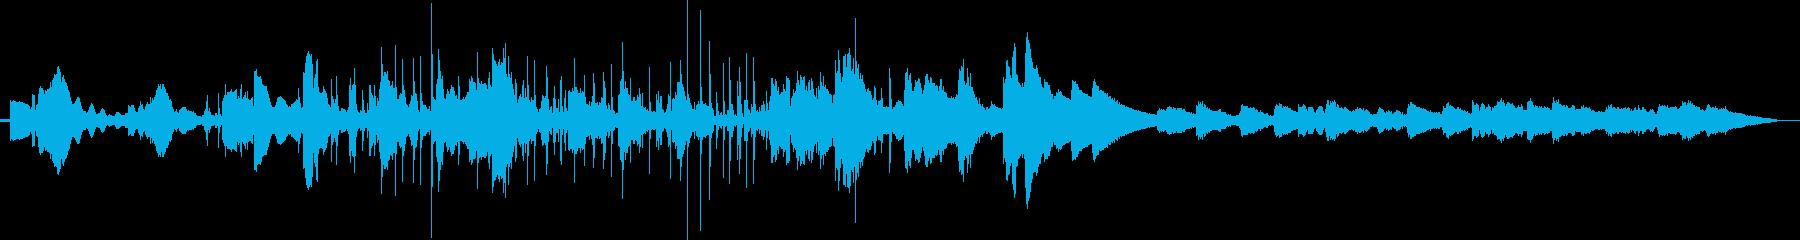 ヨガとマッサージ。ピアノの軽やかな音。の再生済みの波形